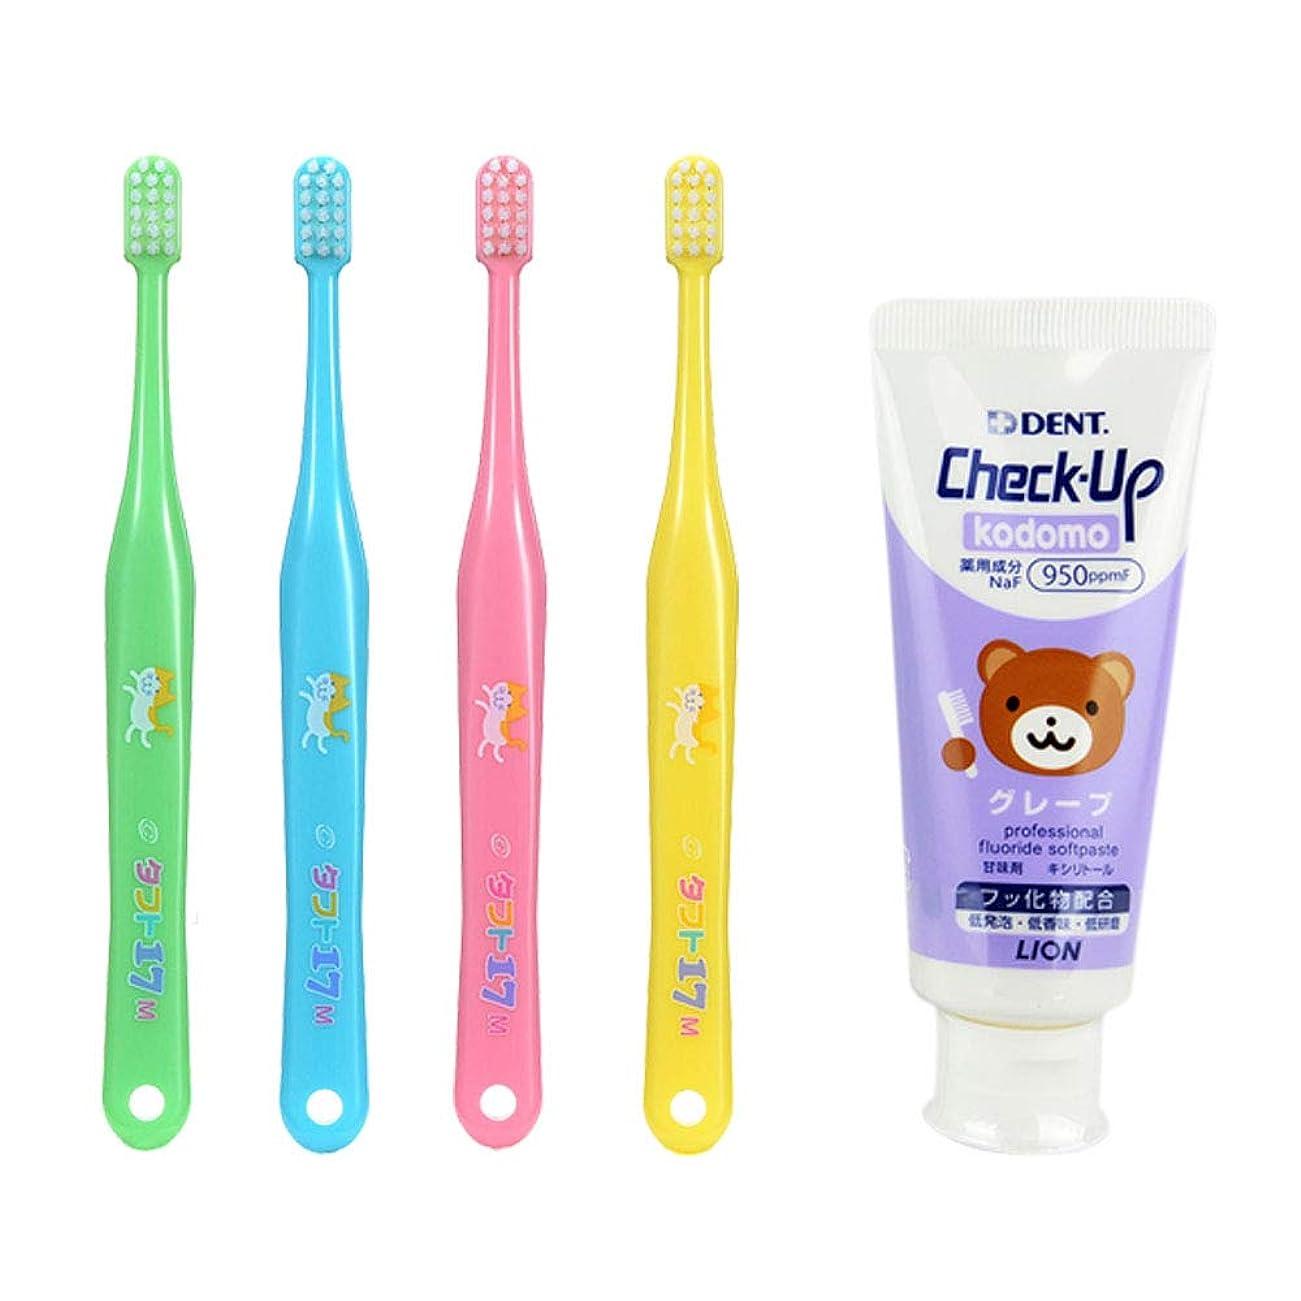 カウボーイ虎ビームタフト17 M(ふつう) 子ども 歯ブラシ 10本 + チェックアップ コドモ 60g (グレープ) 歯磨き粉 歯科専売品